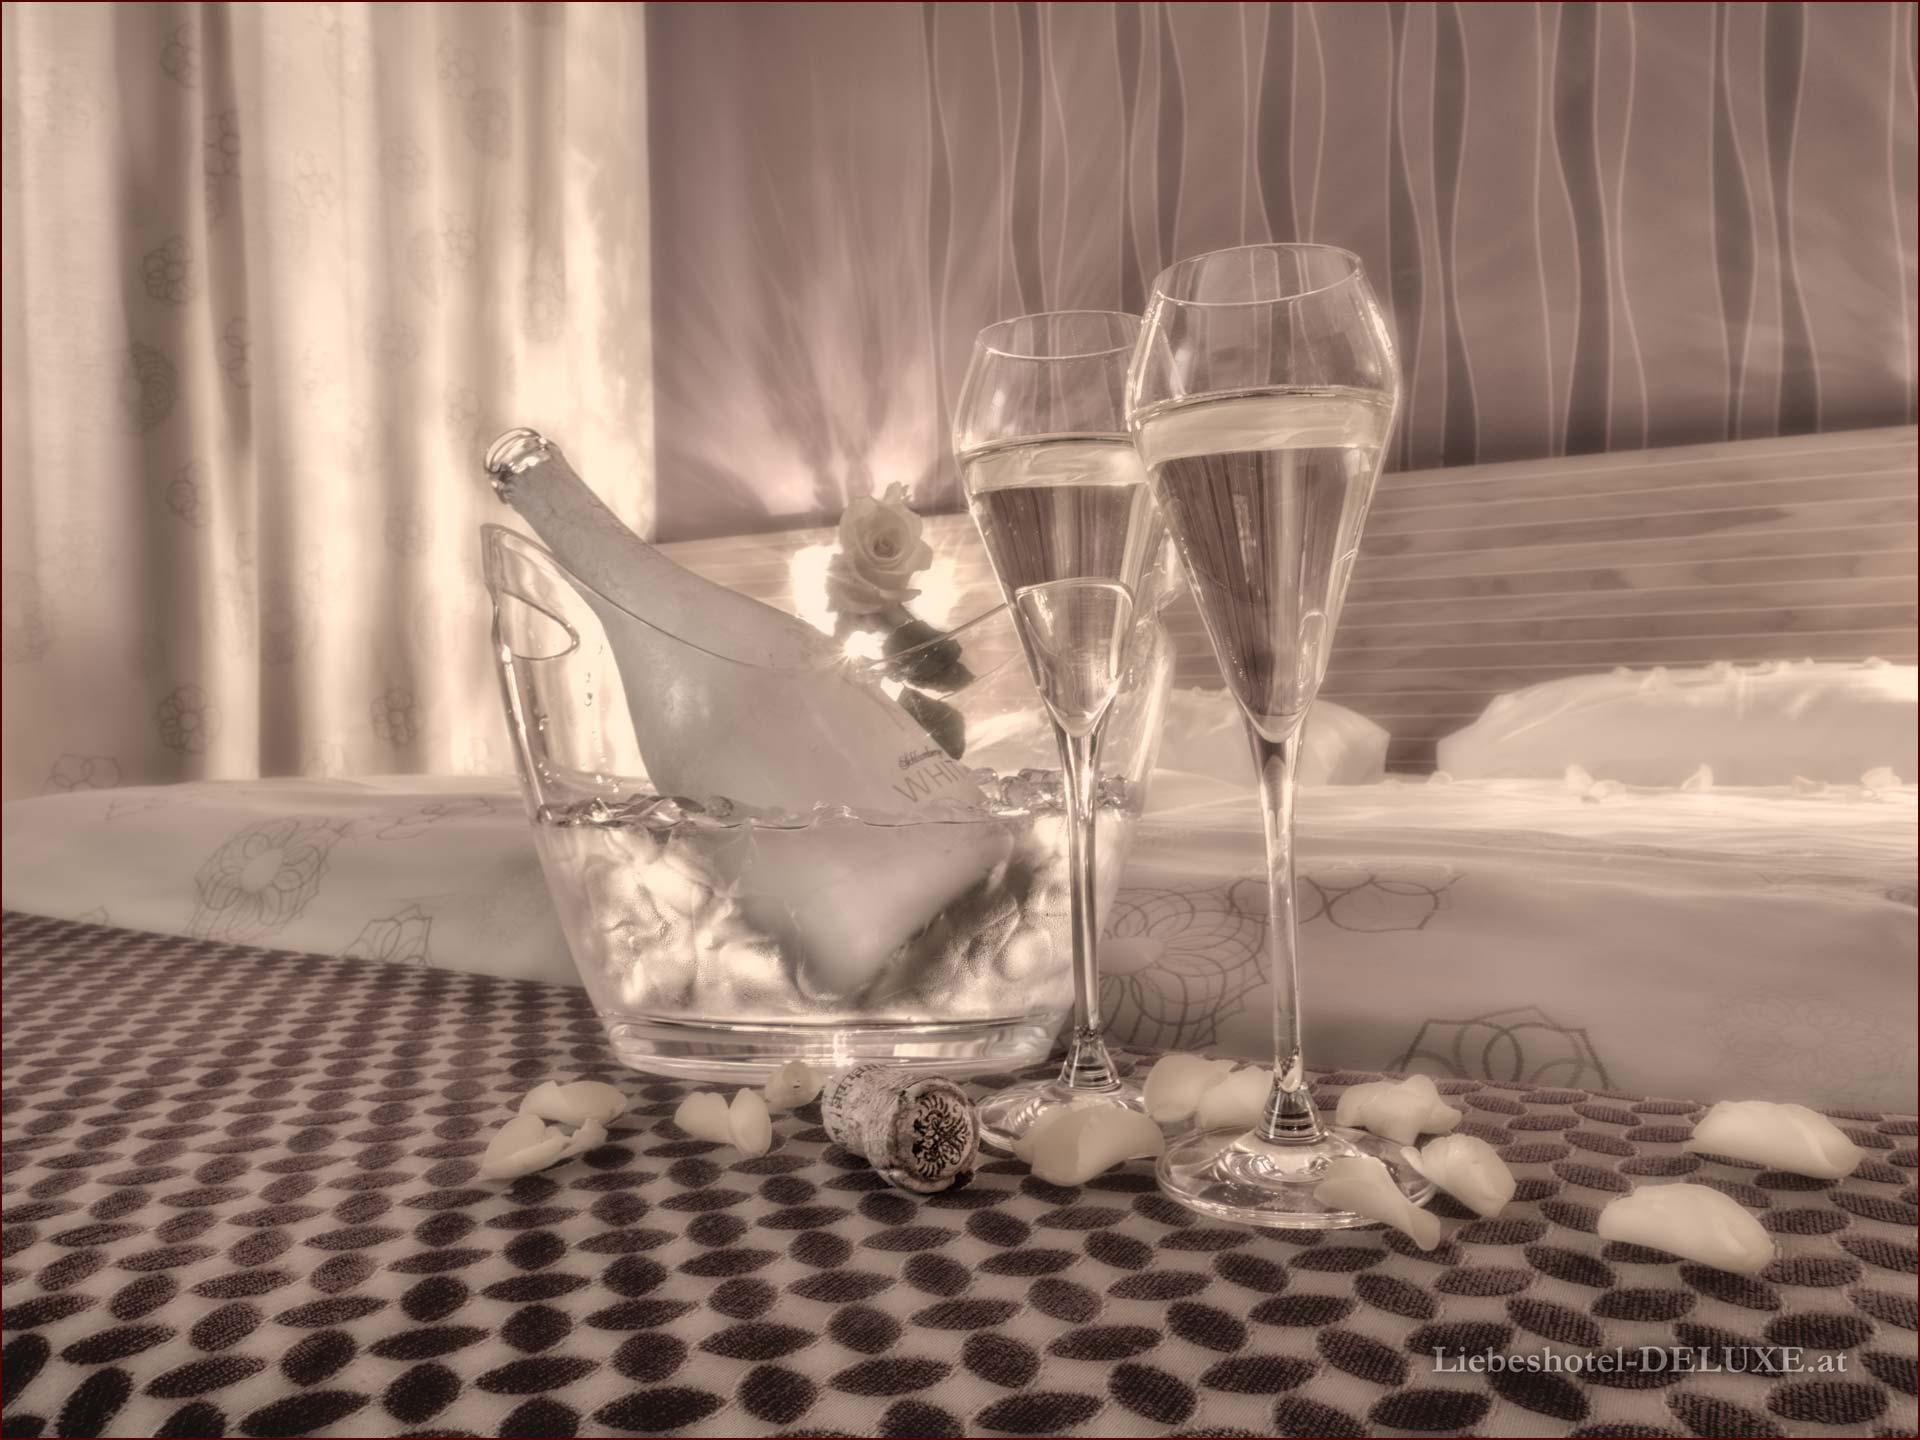 Liebeshotel-Hotel-1030-Wien-stundenhotel-Designzimmer-Whirlpool-Zimmer-Champagner-Service-Idee-billig-günstig-zentrum-buchen-romantik-hochzeit-überraschung-feier-partner